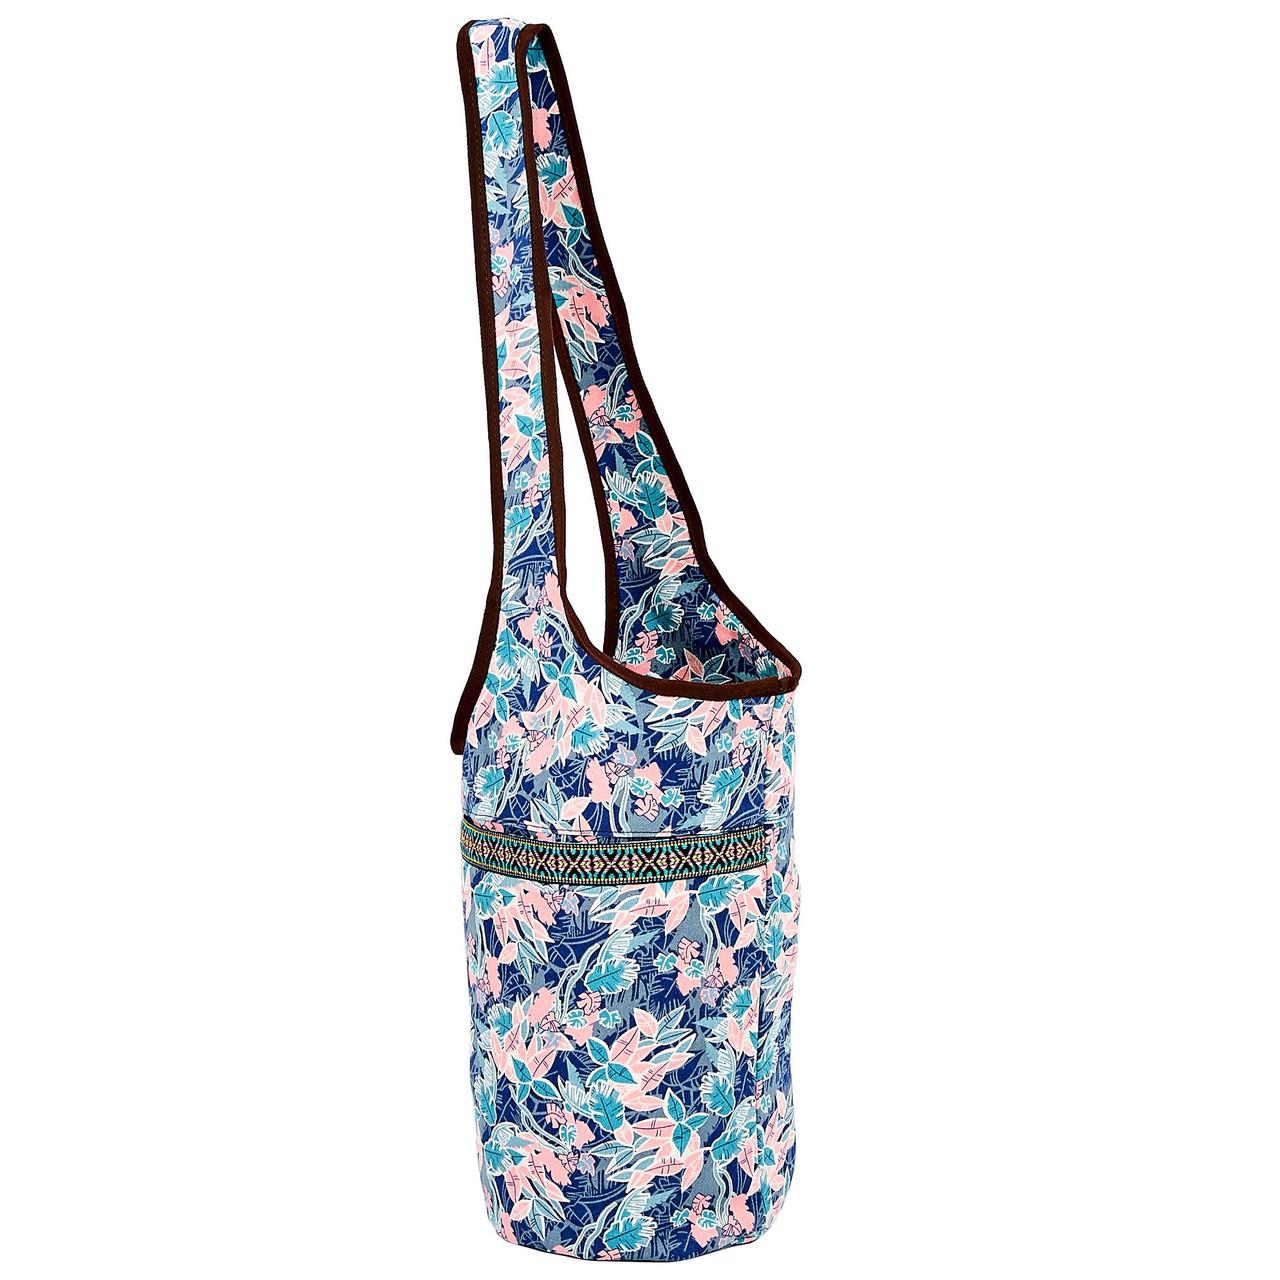 Сумка для фітнесу і йоги через плече Yoga bag KINDFOLK FI-8364-2 (розмір 33смх84см, поліестер, бавовна,